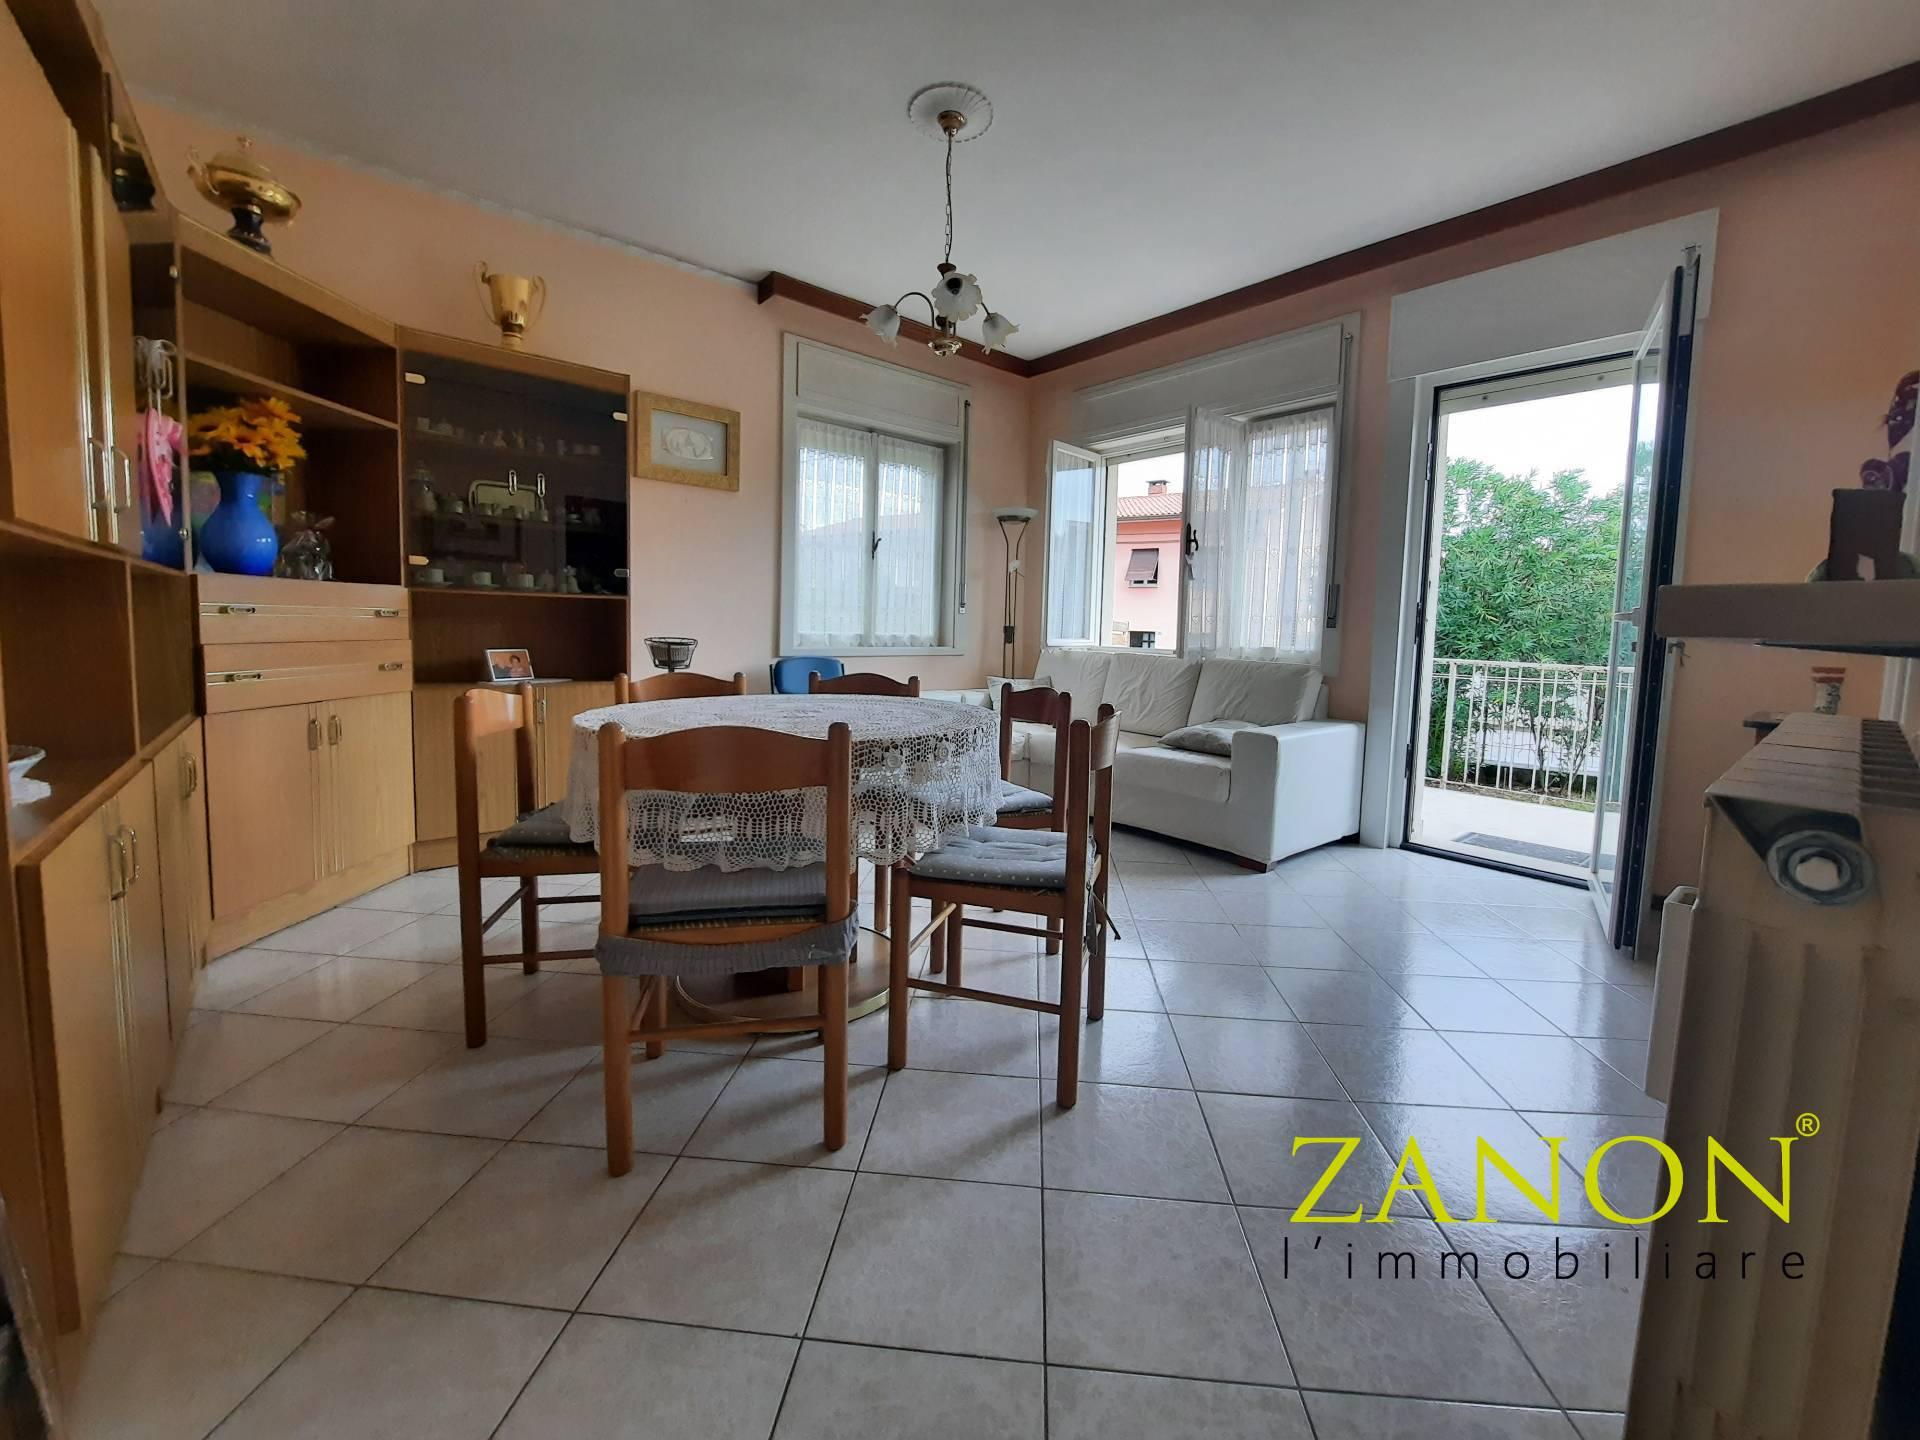 Appartamento in vendita a Gorizia, 9 locali, zona nico, prezzo € 60.000   PortaleAgenzieImmobiliari.it